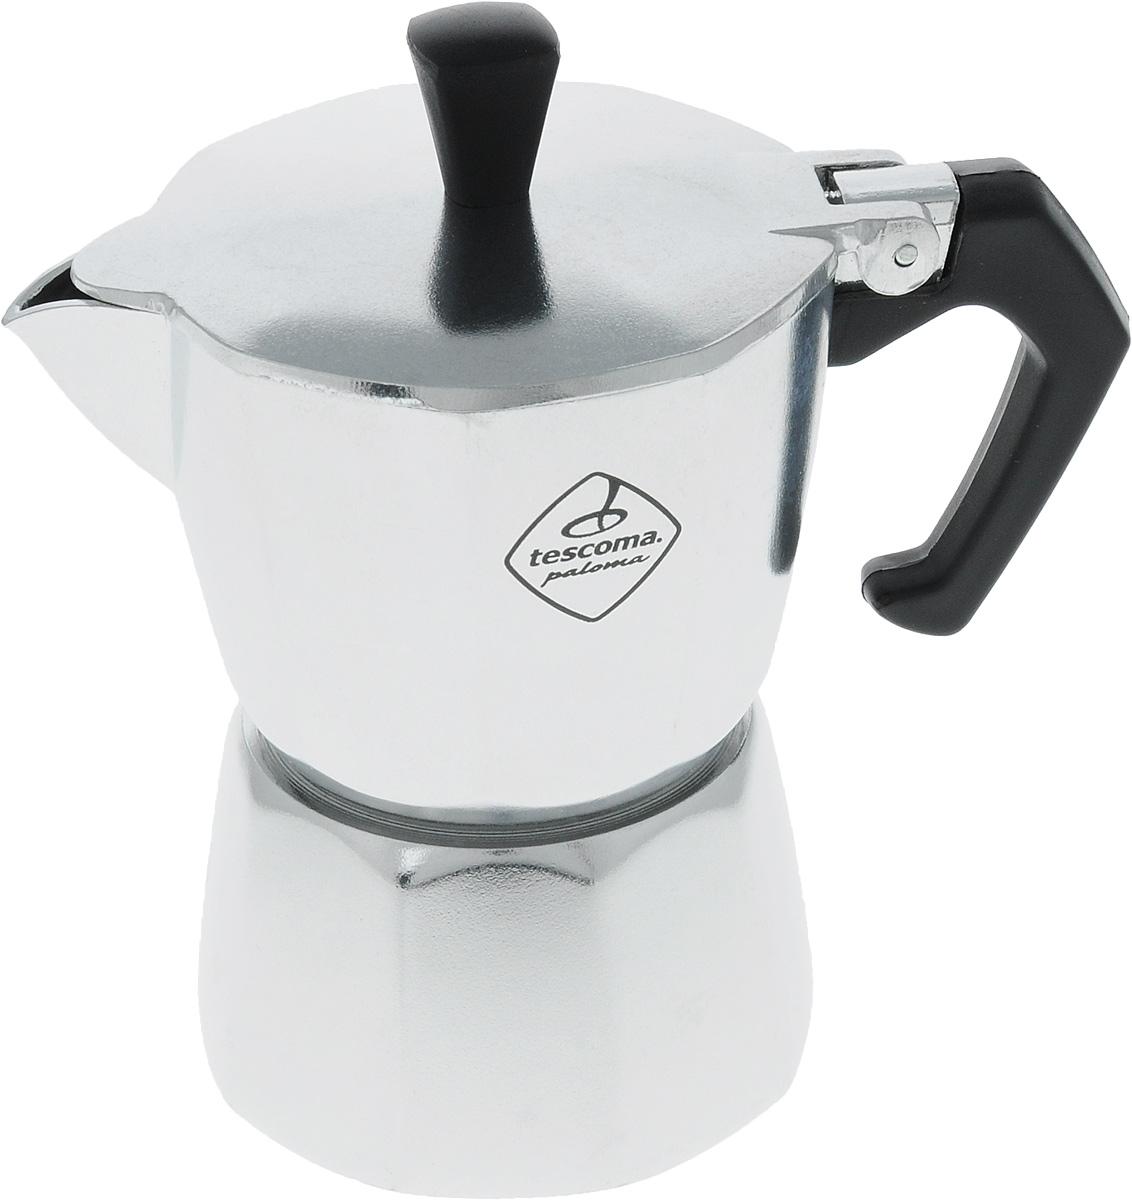 Кофеварка Tescoma Paloma, на 2 чашки647002Кофеварка Tescoma Paloma идеально подходит для приготовления традиционного кофе экспрессо. Кофеварка изготовлена из гигиенически безопасного алюминия (EN 601). Эргономичная рукоятка выполнена из жароупорной пластмассы, поэтому не обжигает руки. Кофеварка очень проста в использовании: - наполните основание водой, - насыпьте туда кофе, - закройте, - поставьте на плиту, - сварите кофе, - подавайте на стол. Объем рассчитан на приготовление двух чашек кофе. Стильный дизайн кофеварки Tescoma сделает ее ярким элементом интерьера вашего дома! Можно использовать на газовых, электрических, керамических плитах. Нельзя мыть в посудомоечной машине.